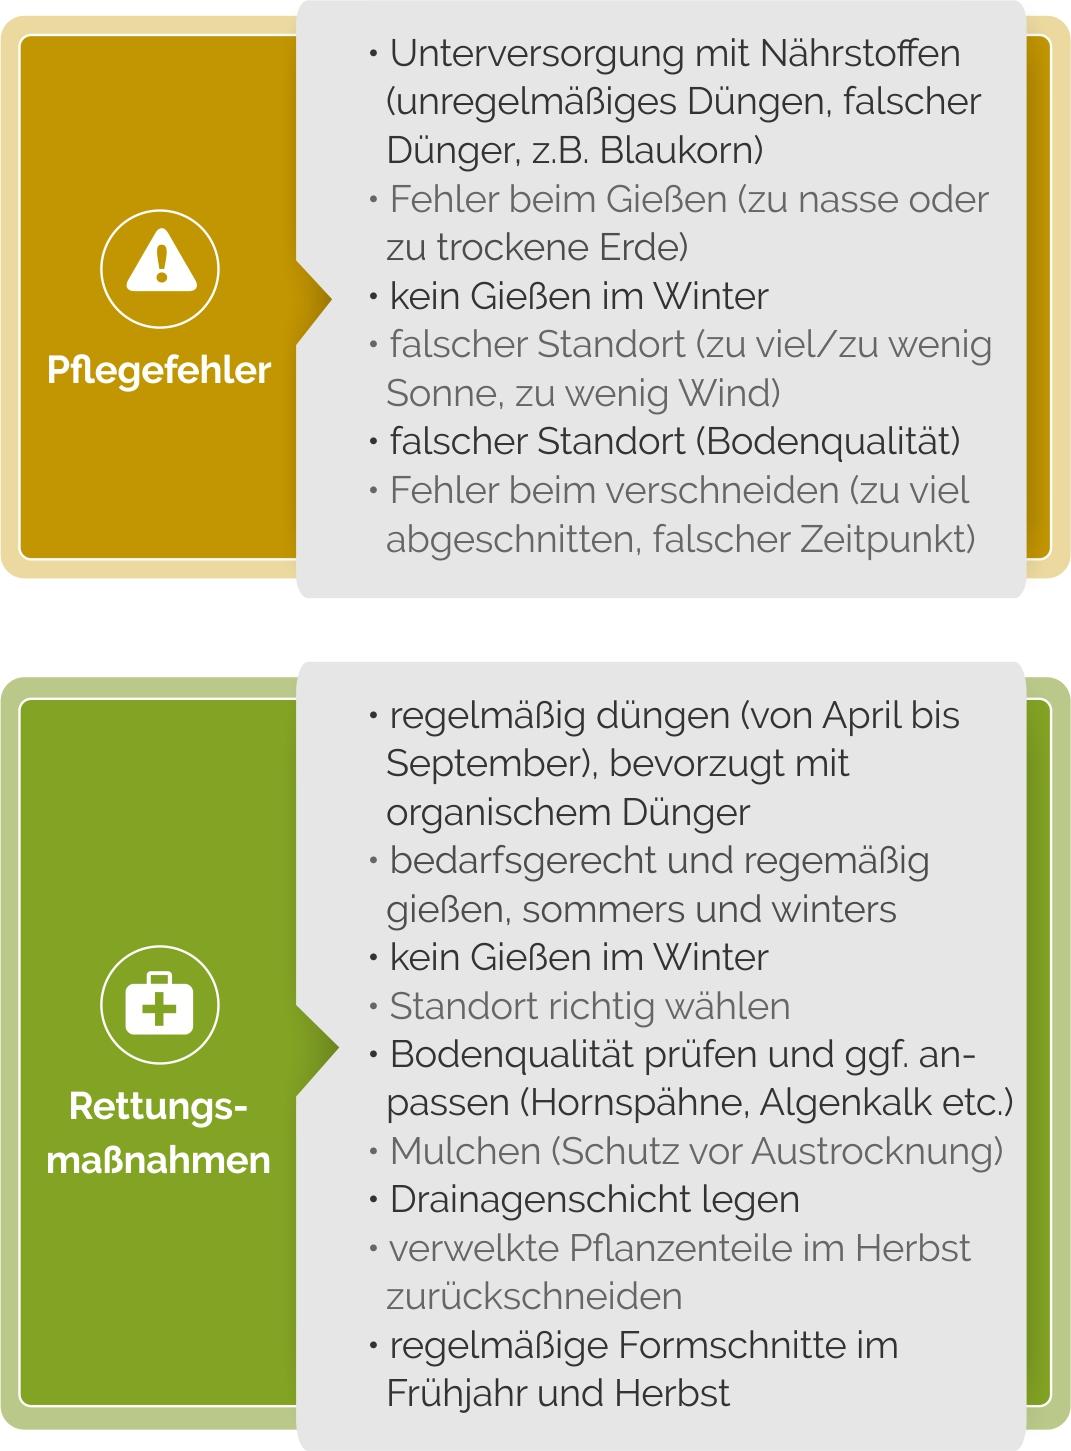 Buchsbaum Pflege-Fehler im Überblick